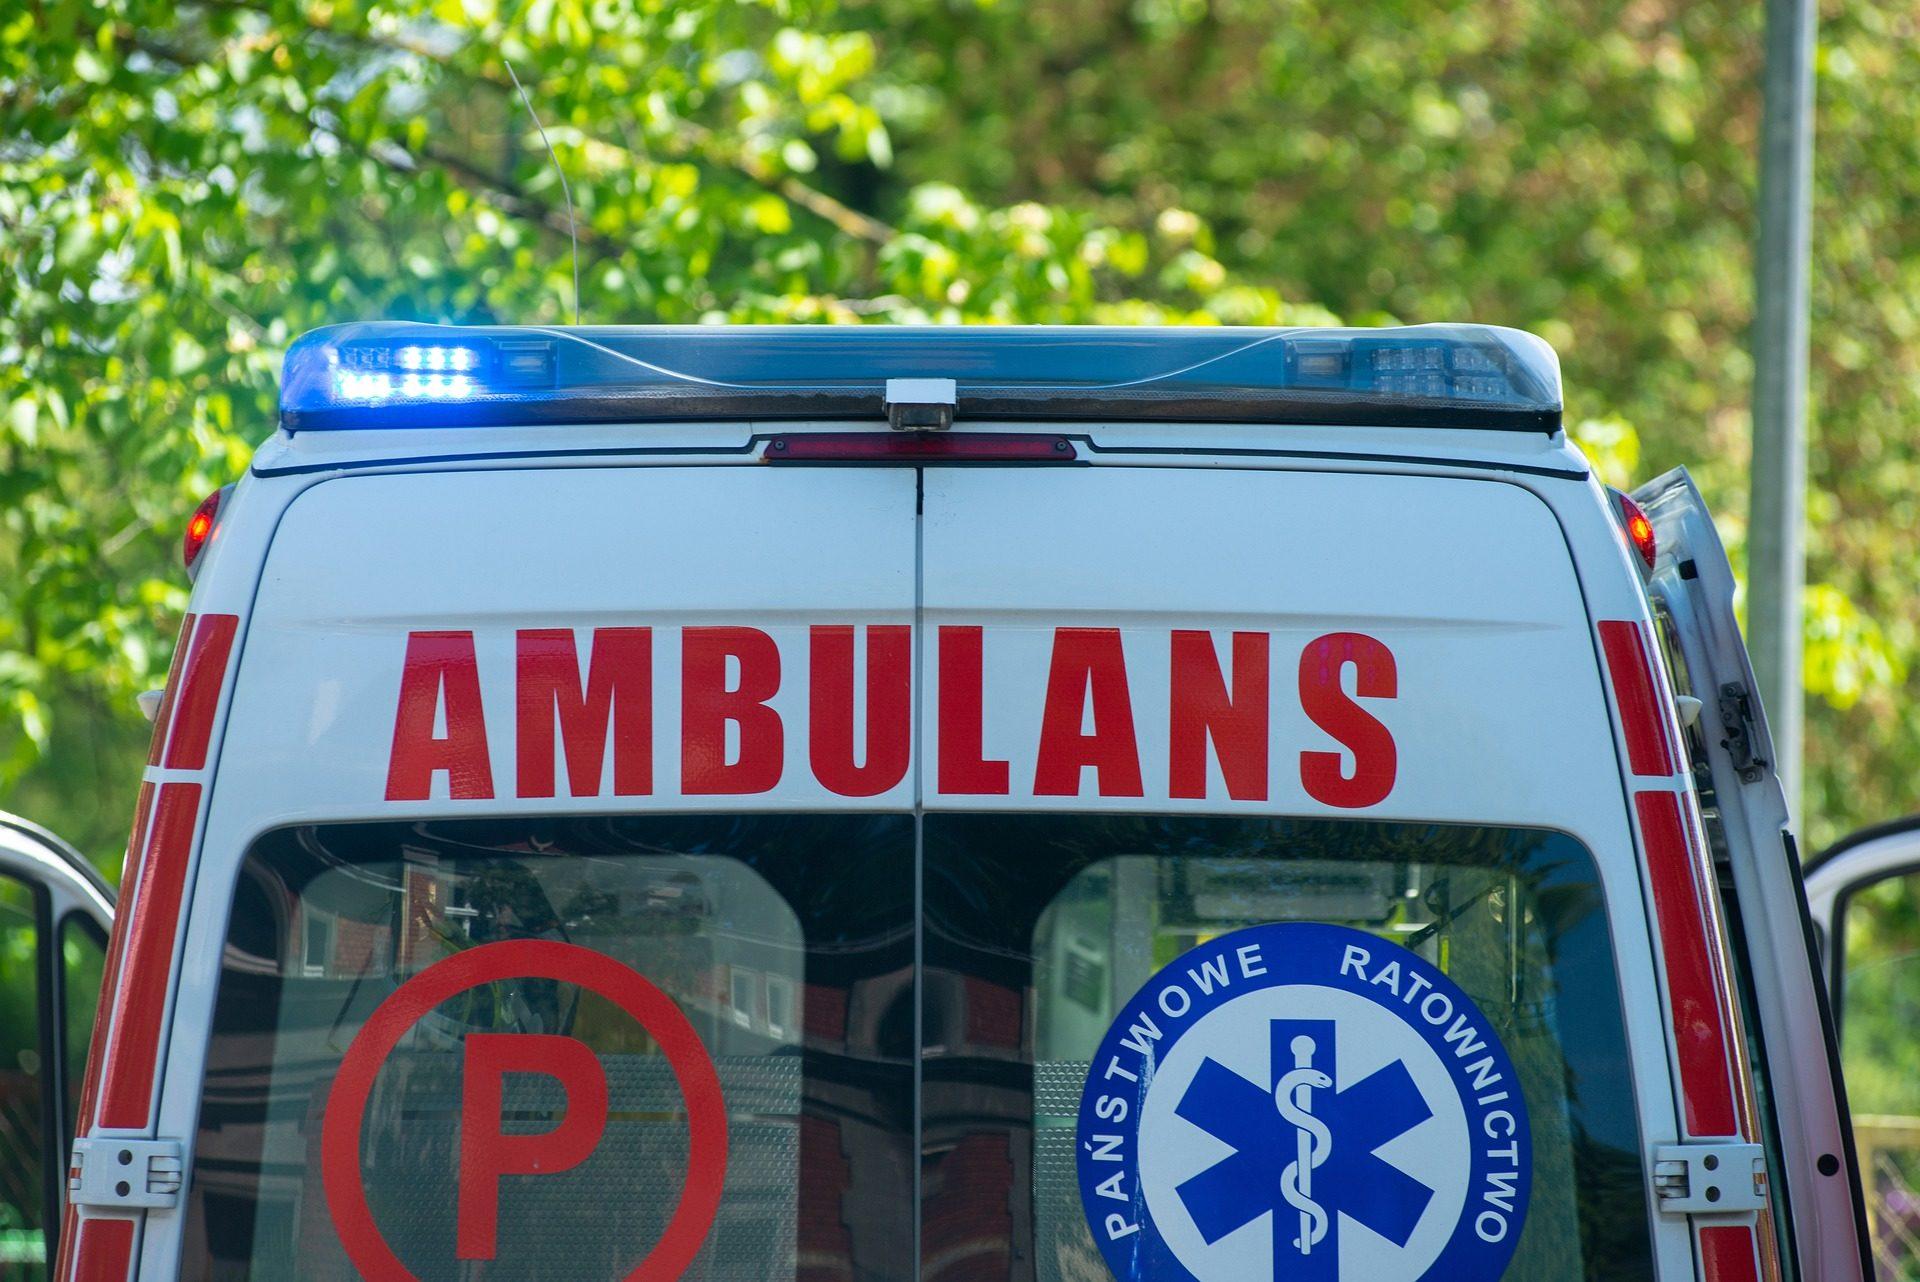 Skompletuj strój ratownika medycznego, by być gotowym do akcji!